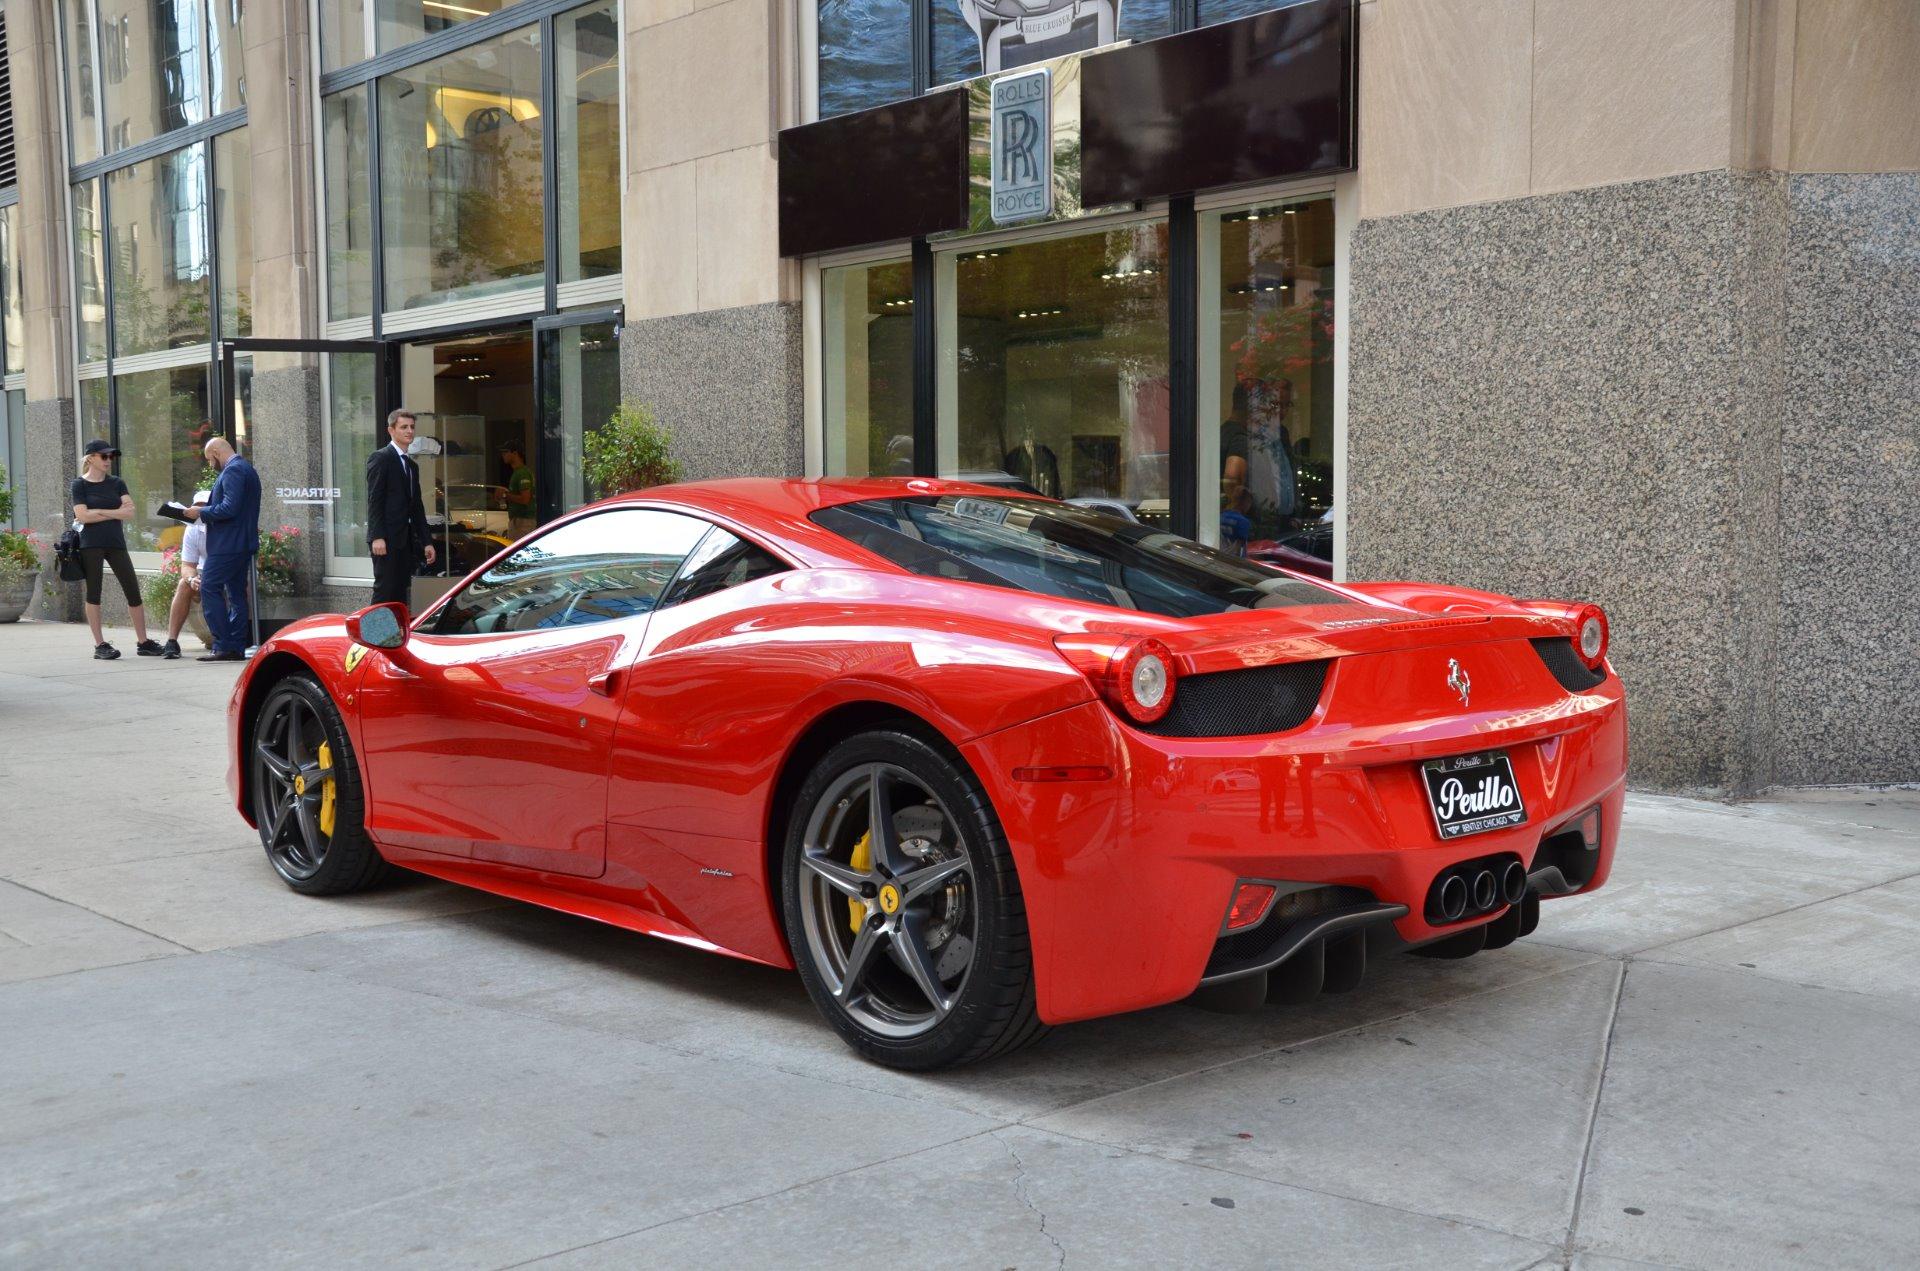 2013 ferrari 458 italia stock # r272a for  near chicago, il